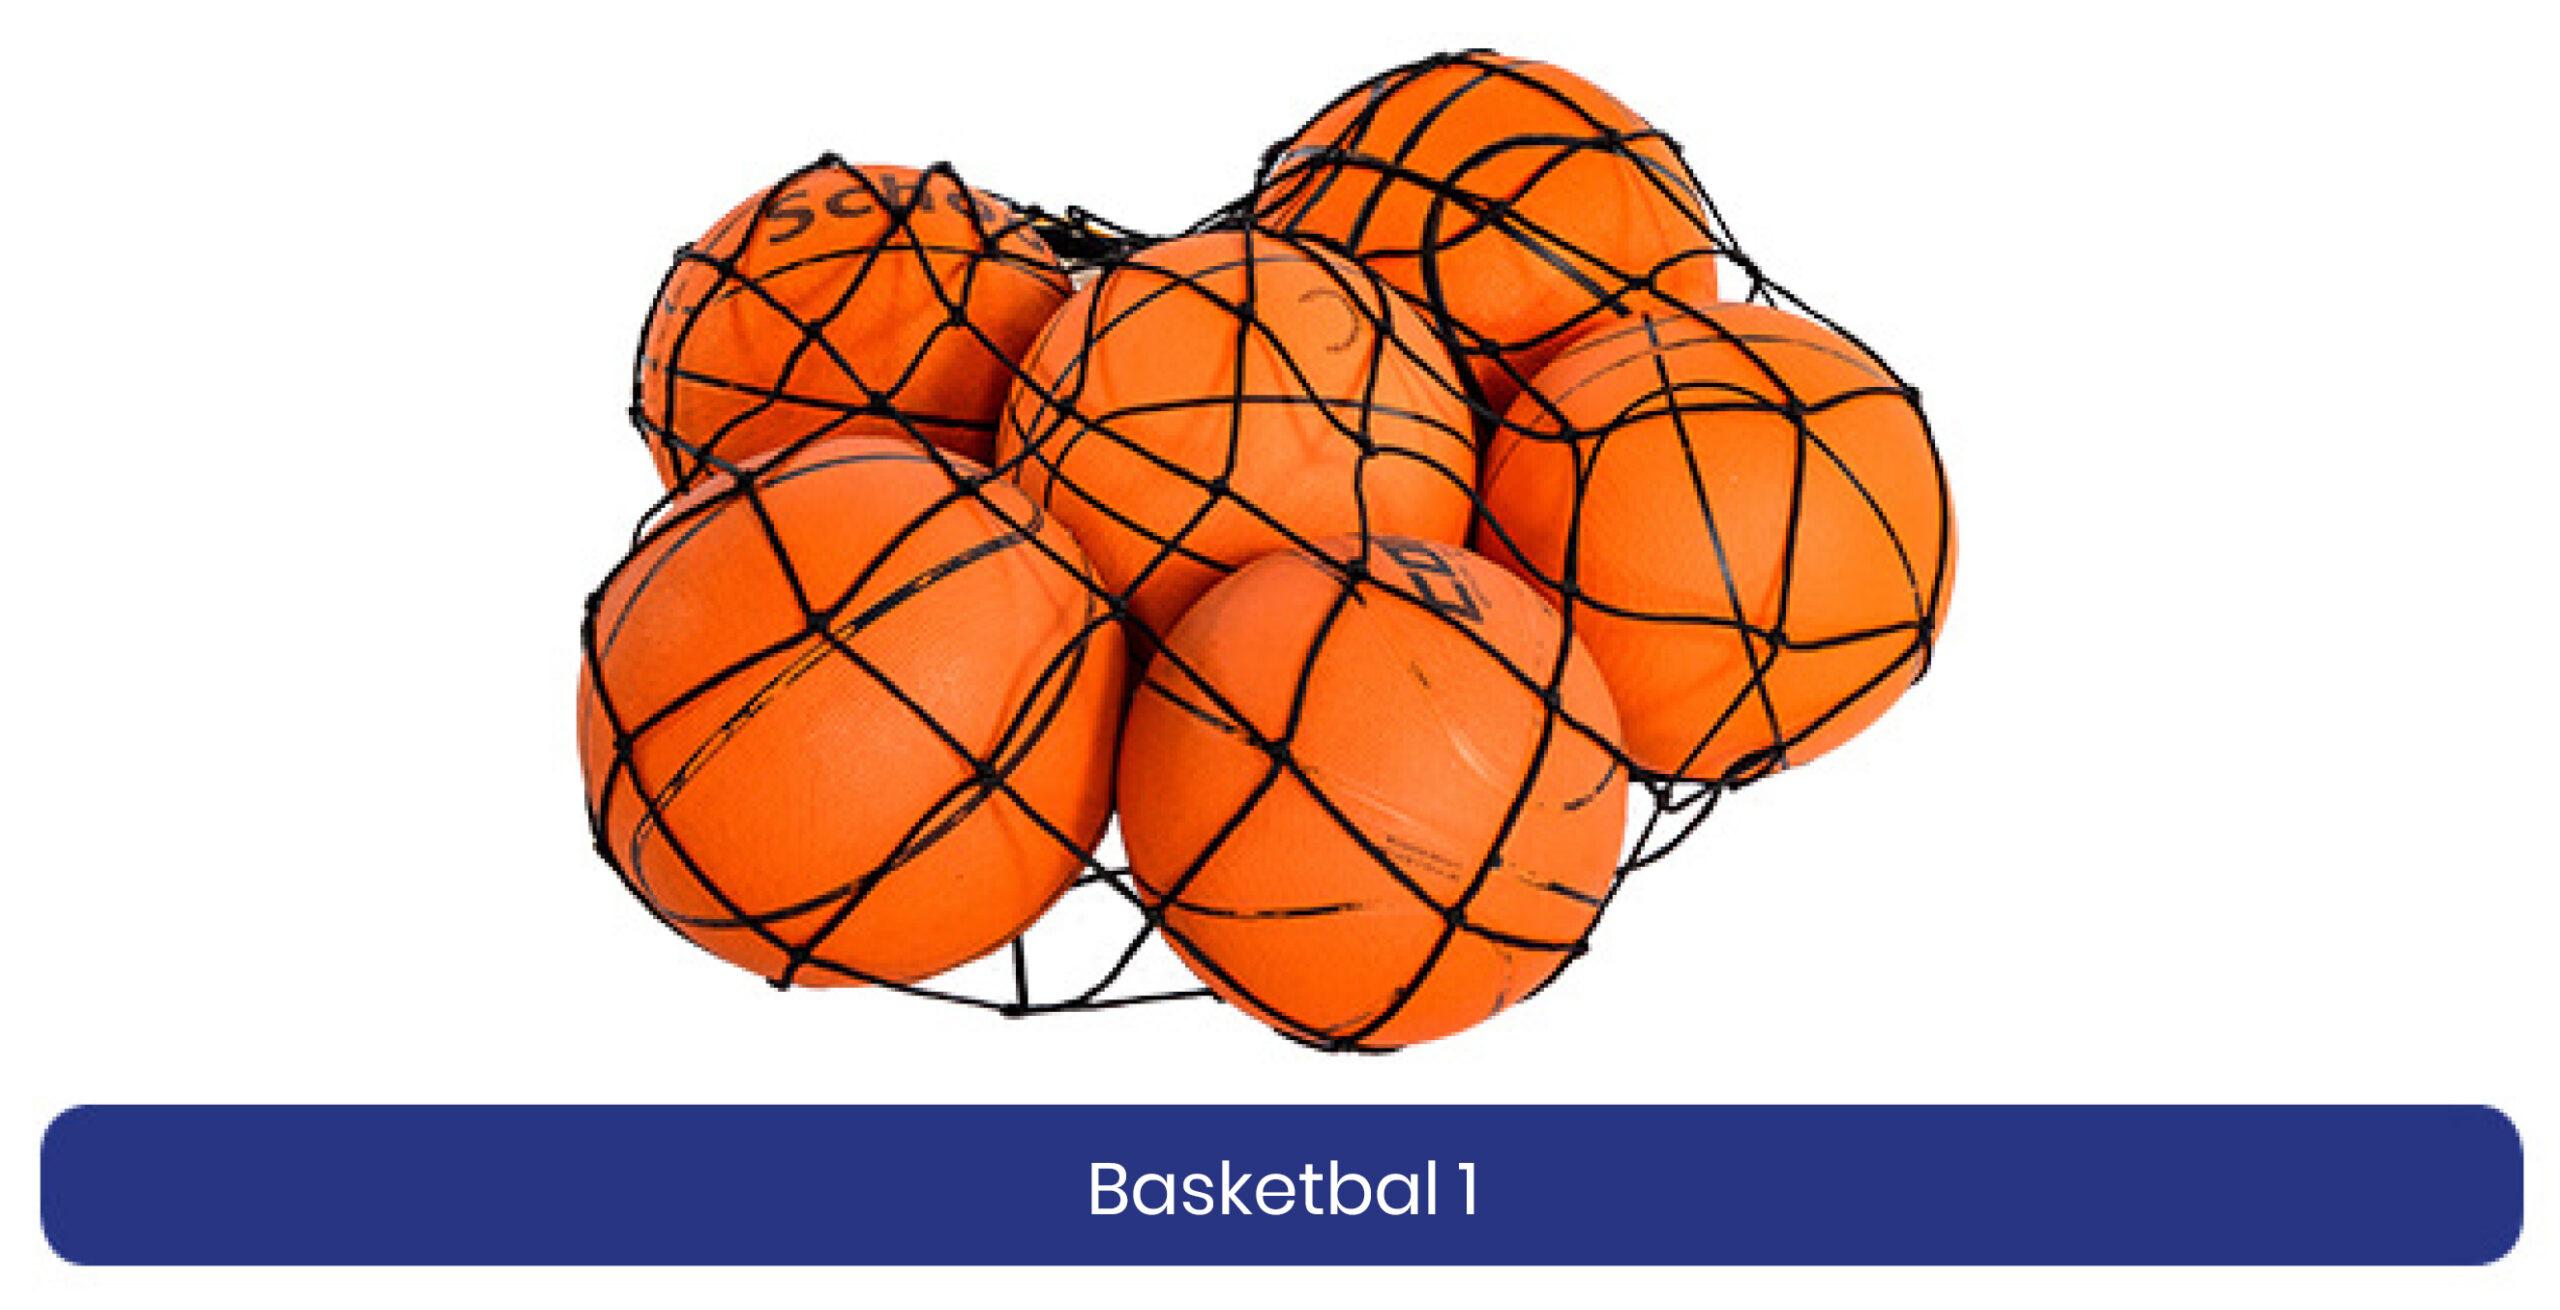 Basketbal 1 lenen product